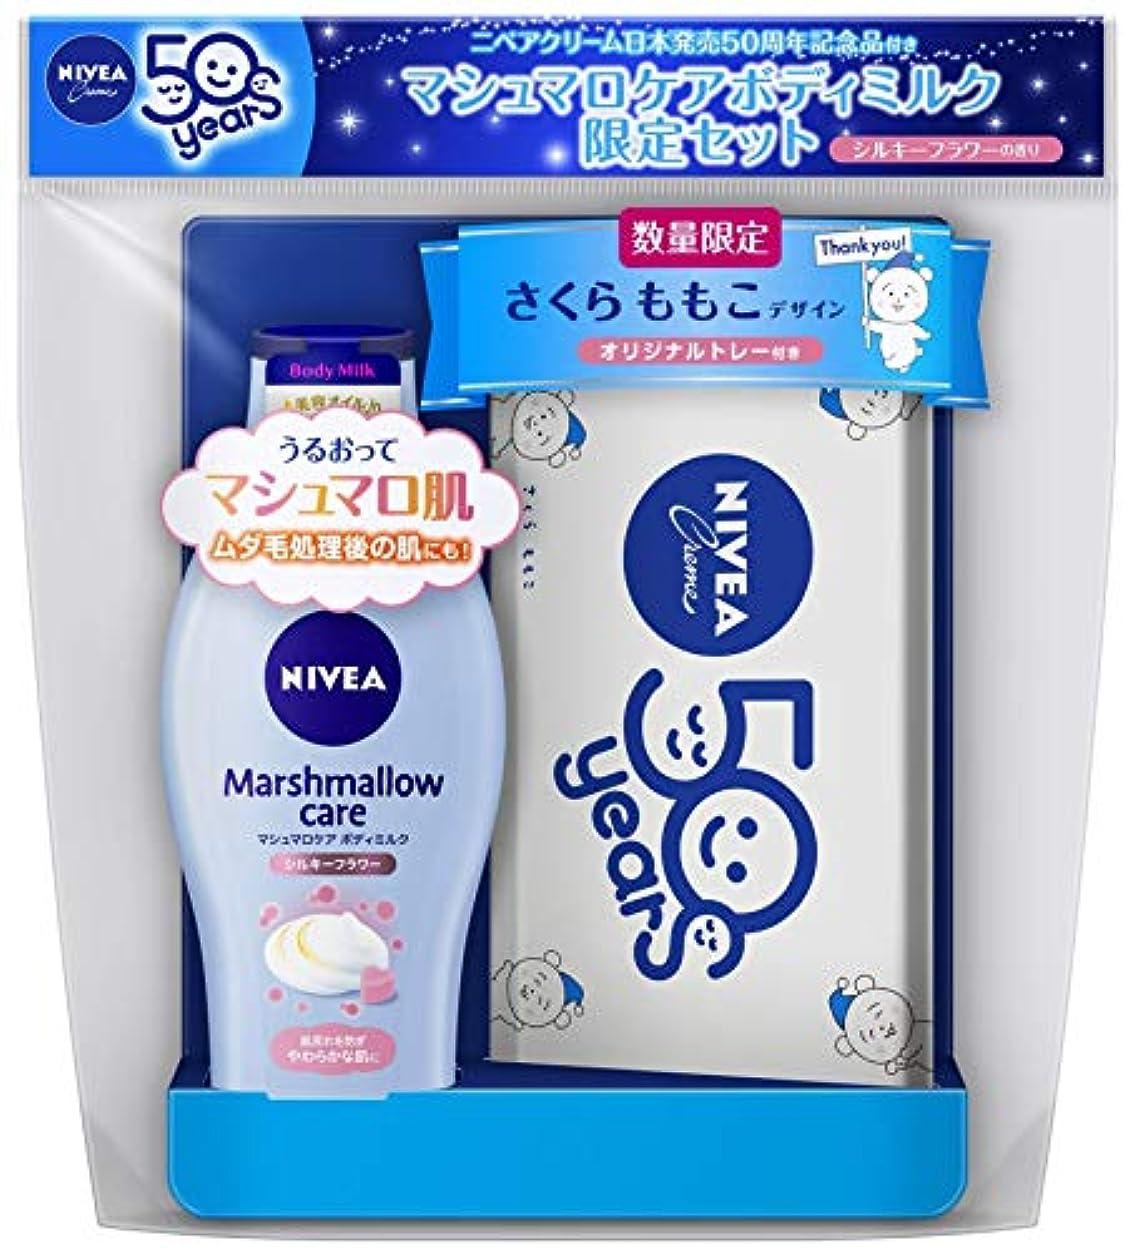 集まるタール社会学【数量限定】ニベア マシュマロケアボディミルク シルキーフラワーの香り+さくらももこデザインオリジナルトレー付き